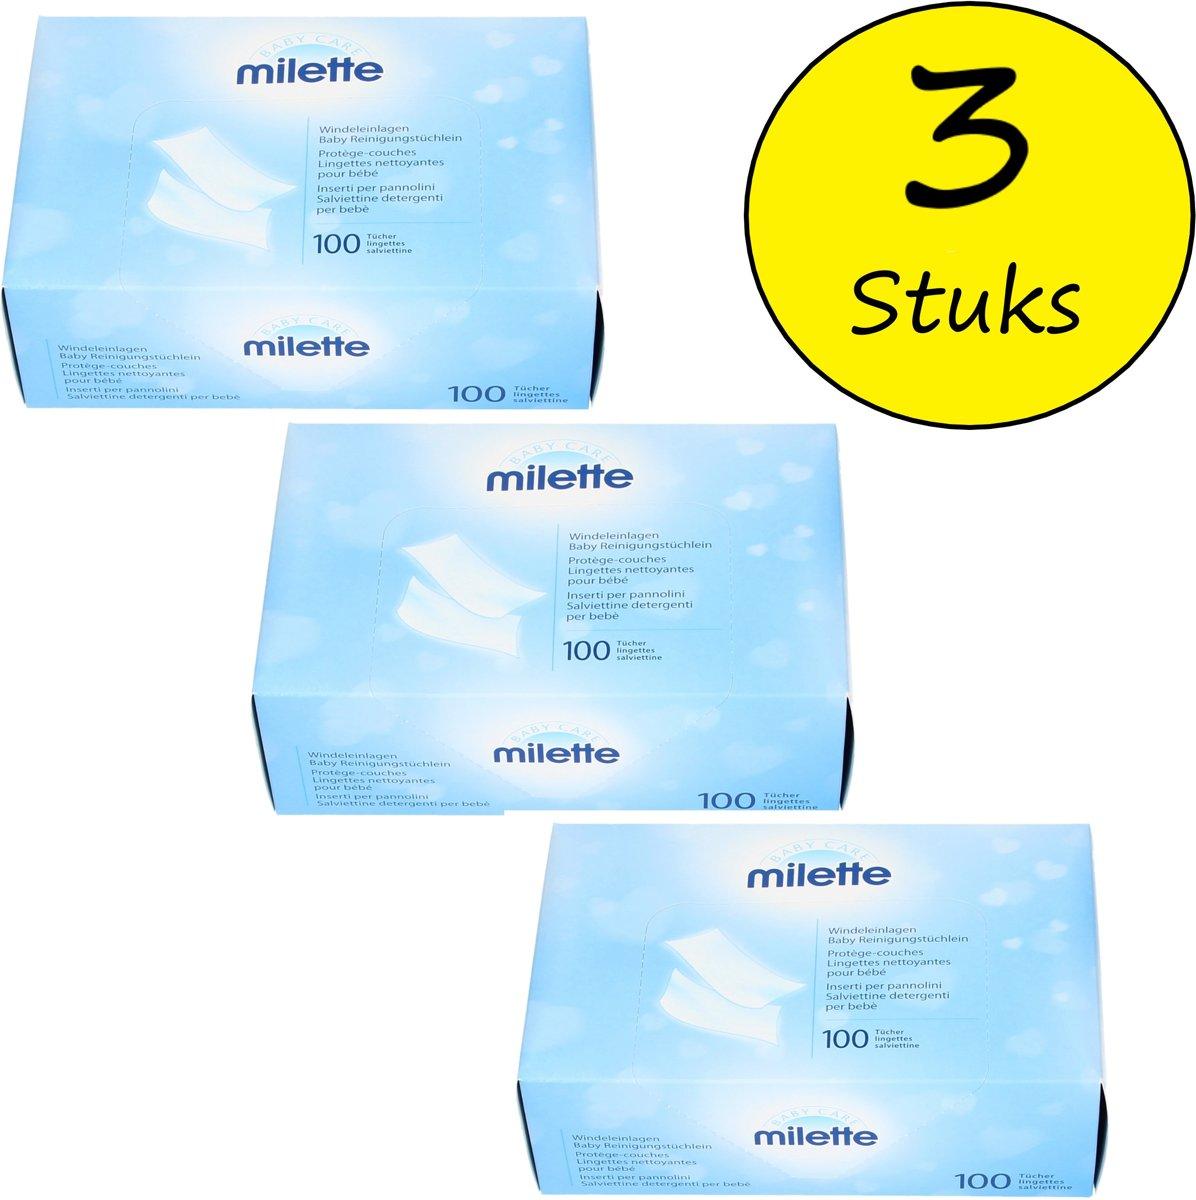 Milette Babycare Parfum en Vochtvrije Babydoekjes 3 Dozen (300 Doekjes) – 23x33cm | Huidvriendelijke Babyverzorgingsproducten | Luierinleg Doekjes kopen